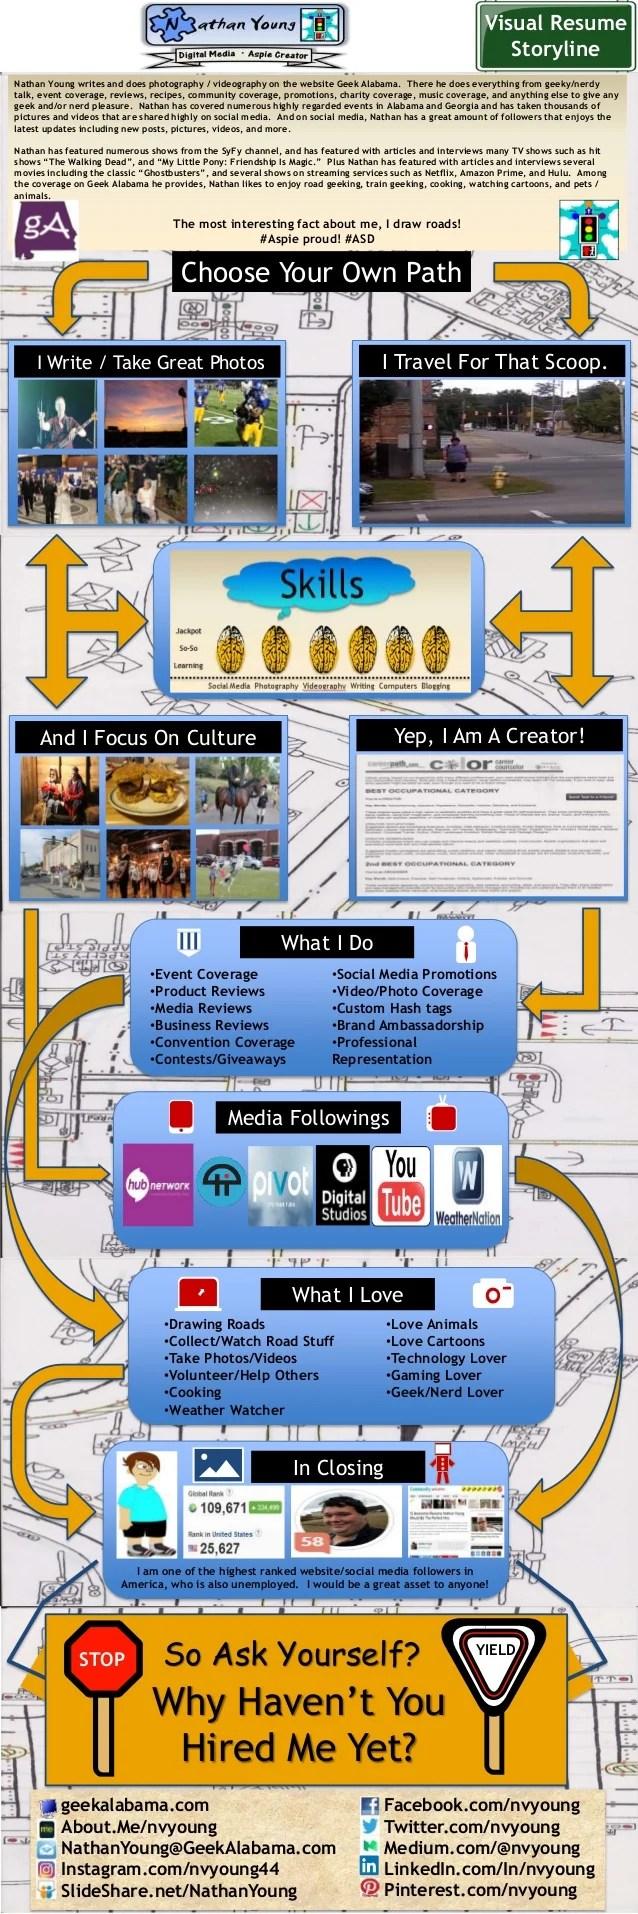 Visual Resume Storyline Facebook.com/nvyoung Twitter.com/nvyoung Medium.com